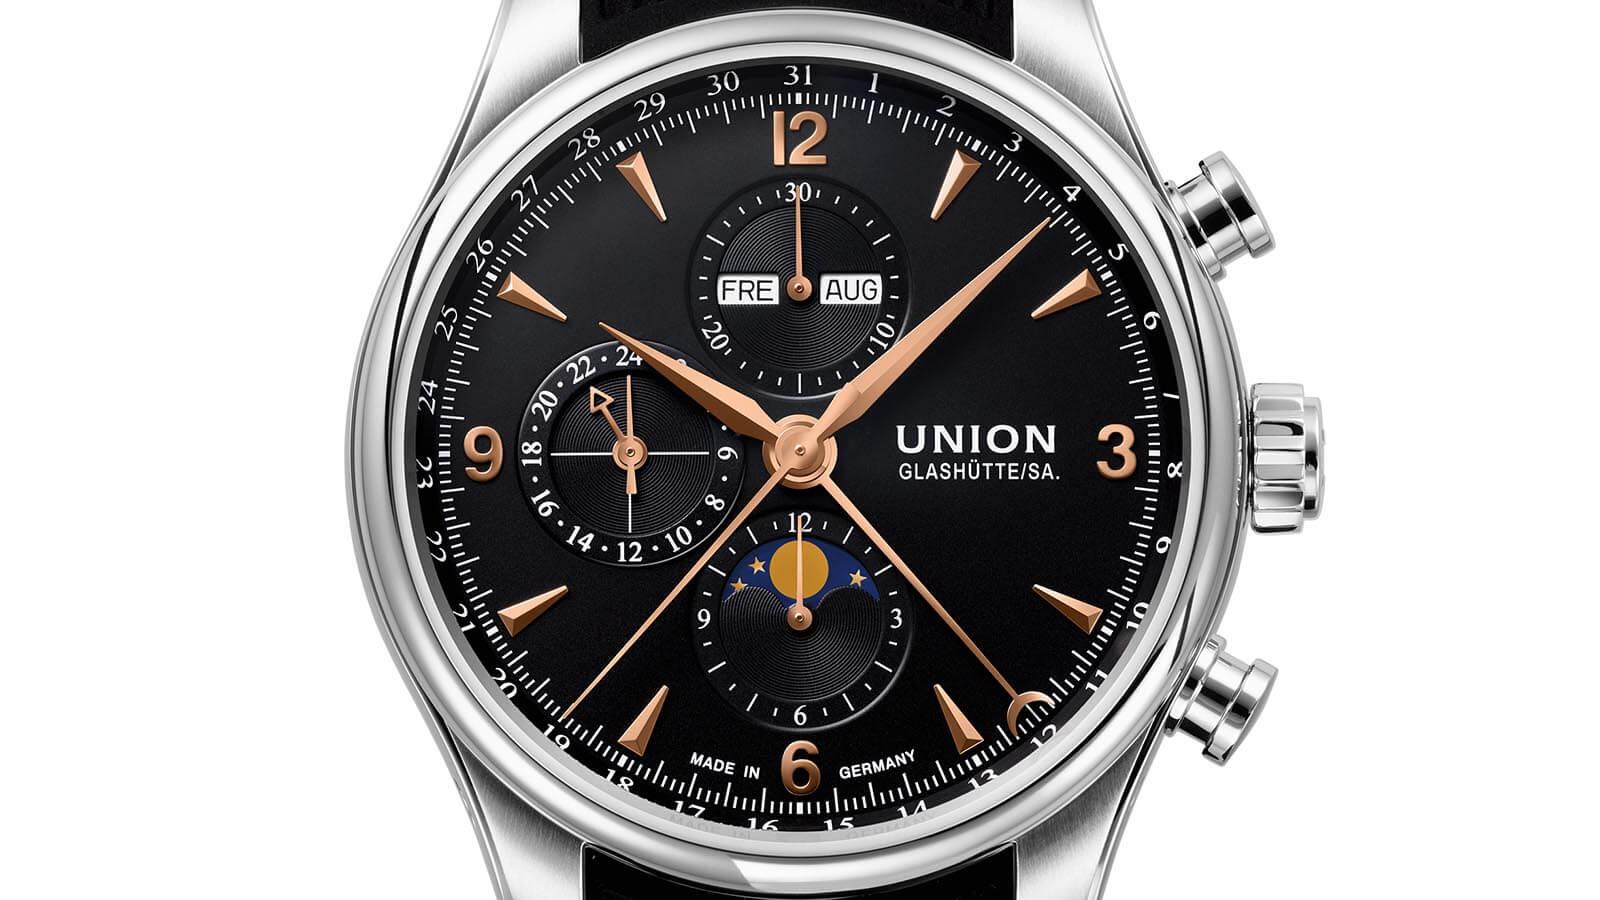 Detailansicht vom Zifferblatt des Belisar Chronograph Mondphase von Union Glashütte